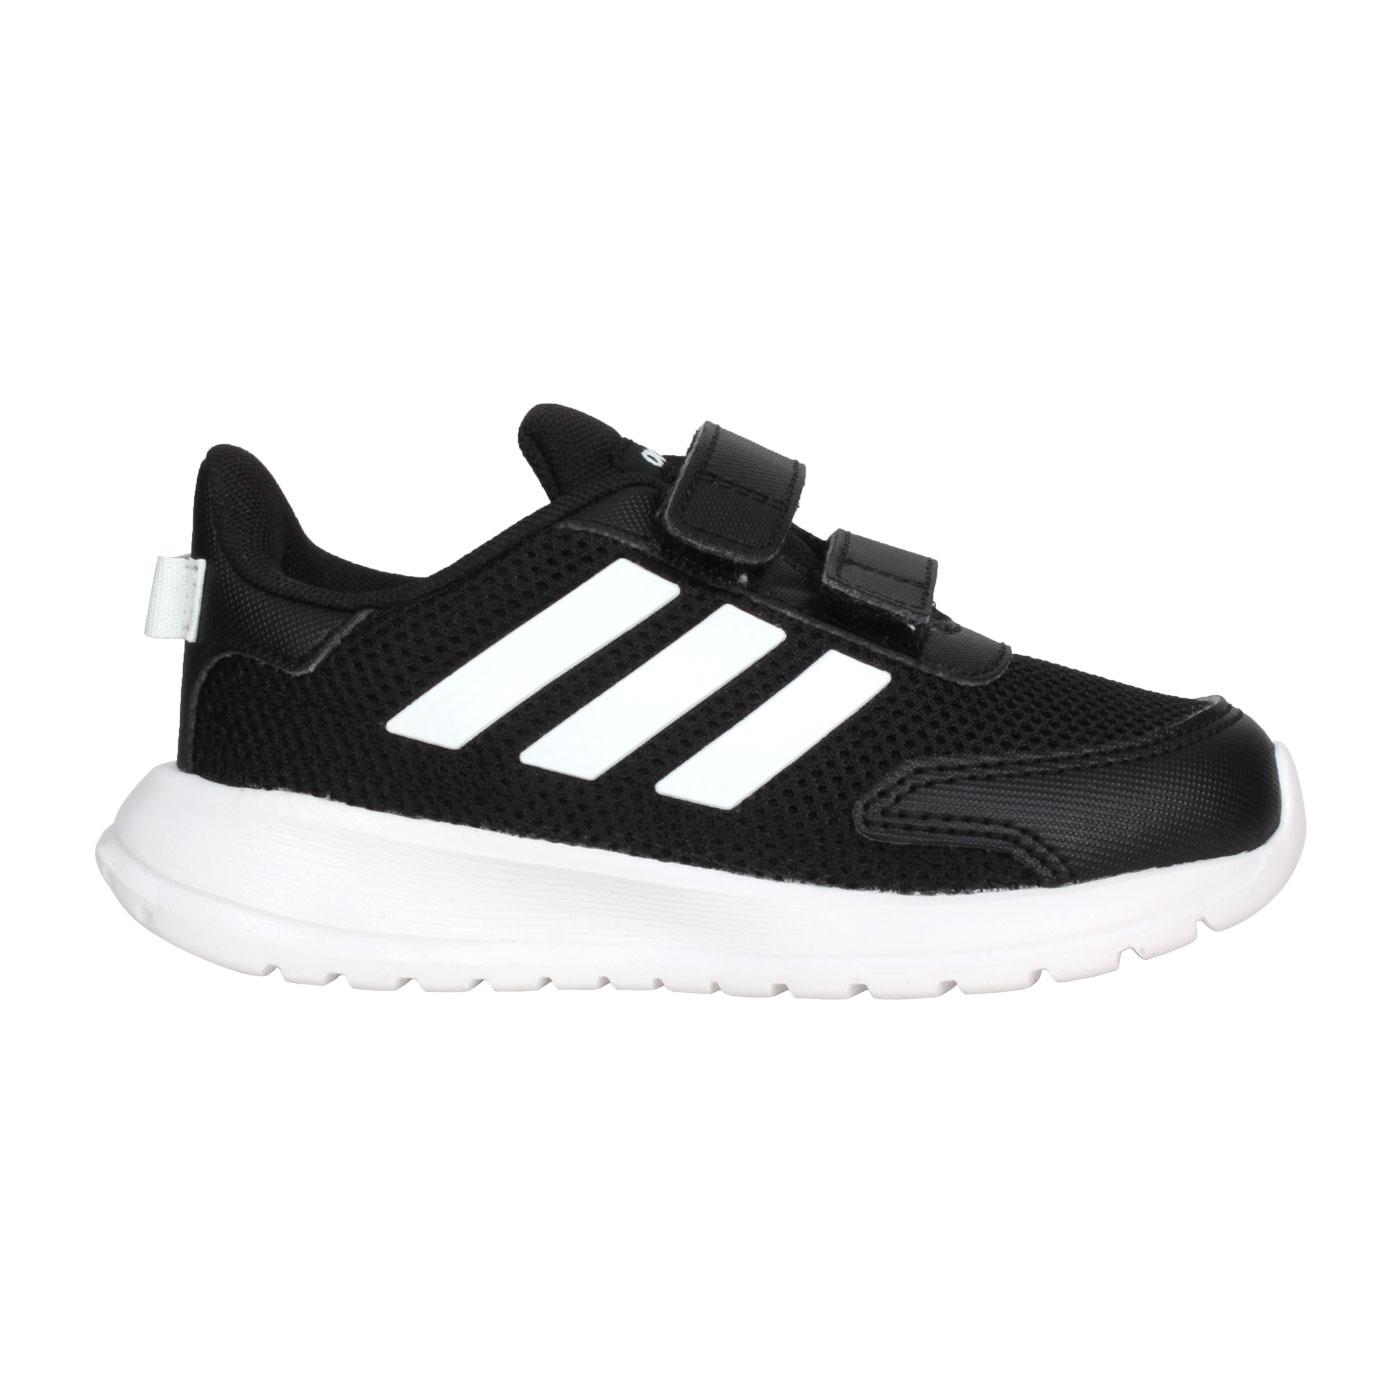 ADIDAS 小童休閒運動鞋 EG4142 - 黑白